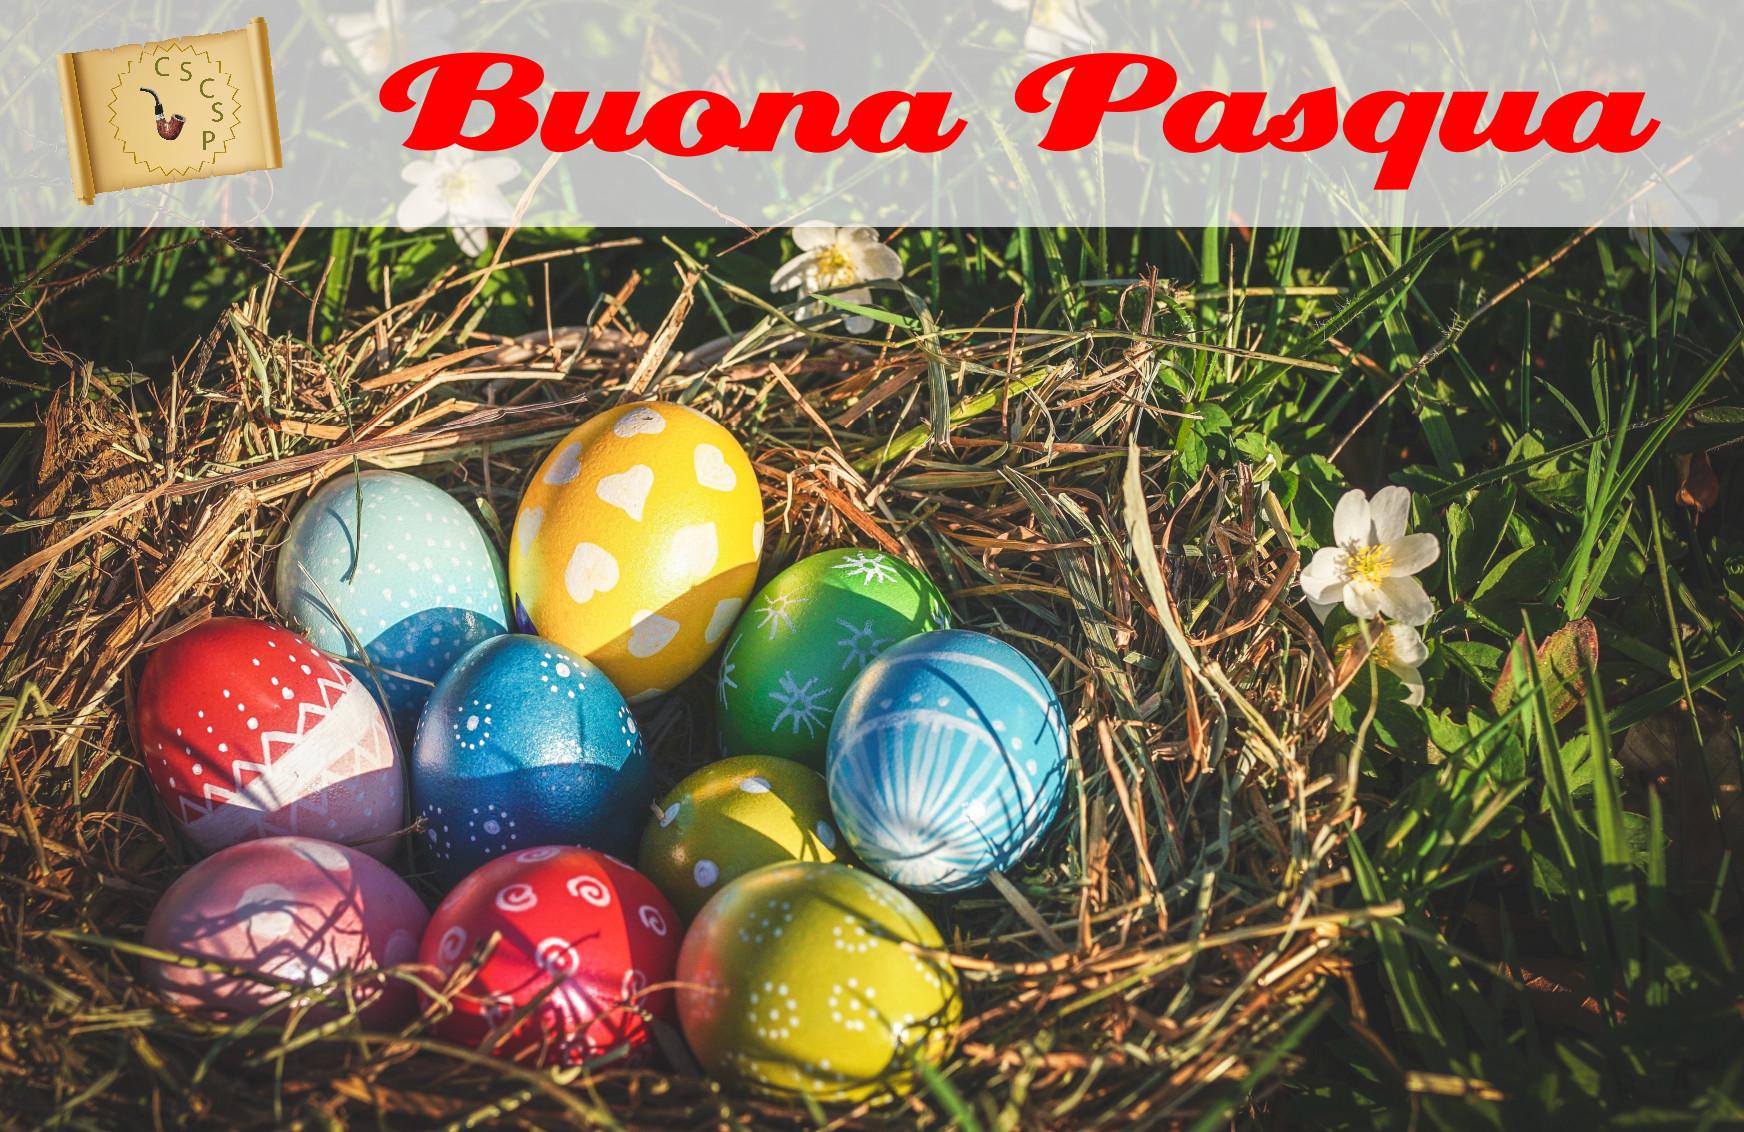 Bilgietto Pasqua 2020